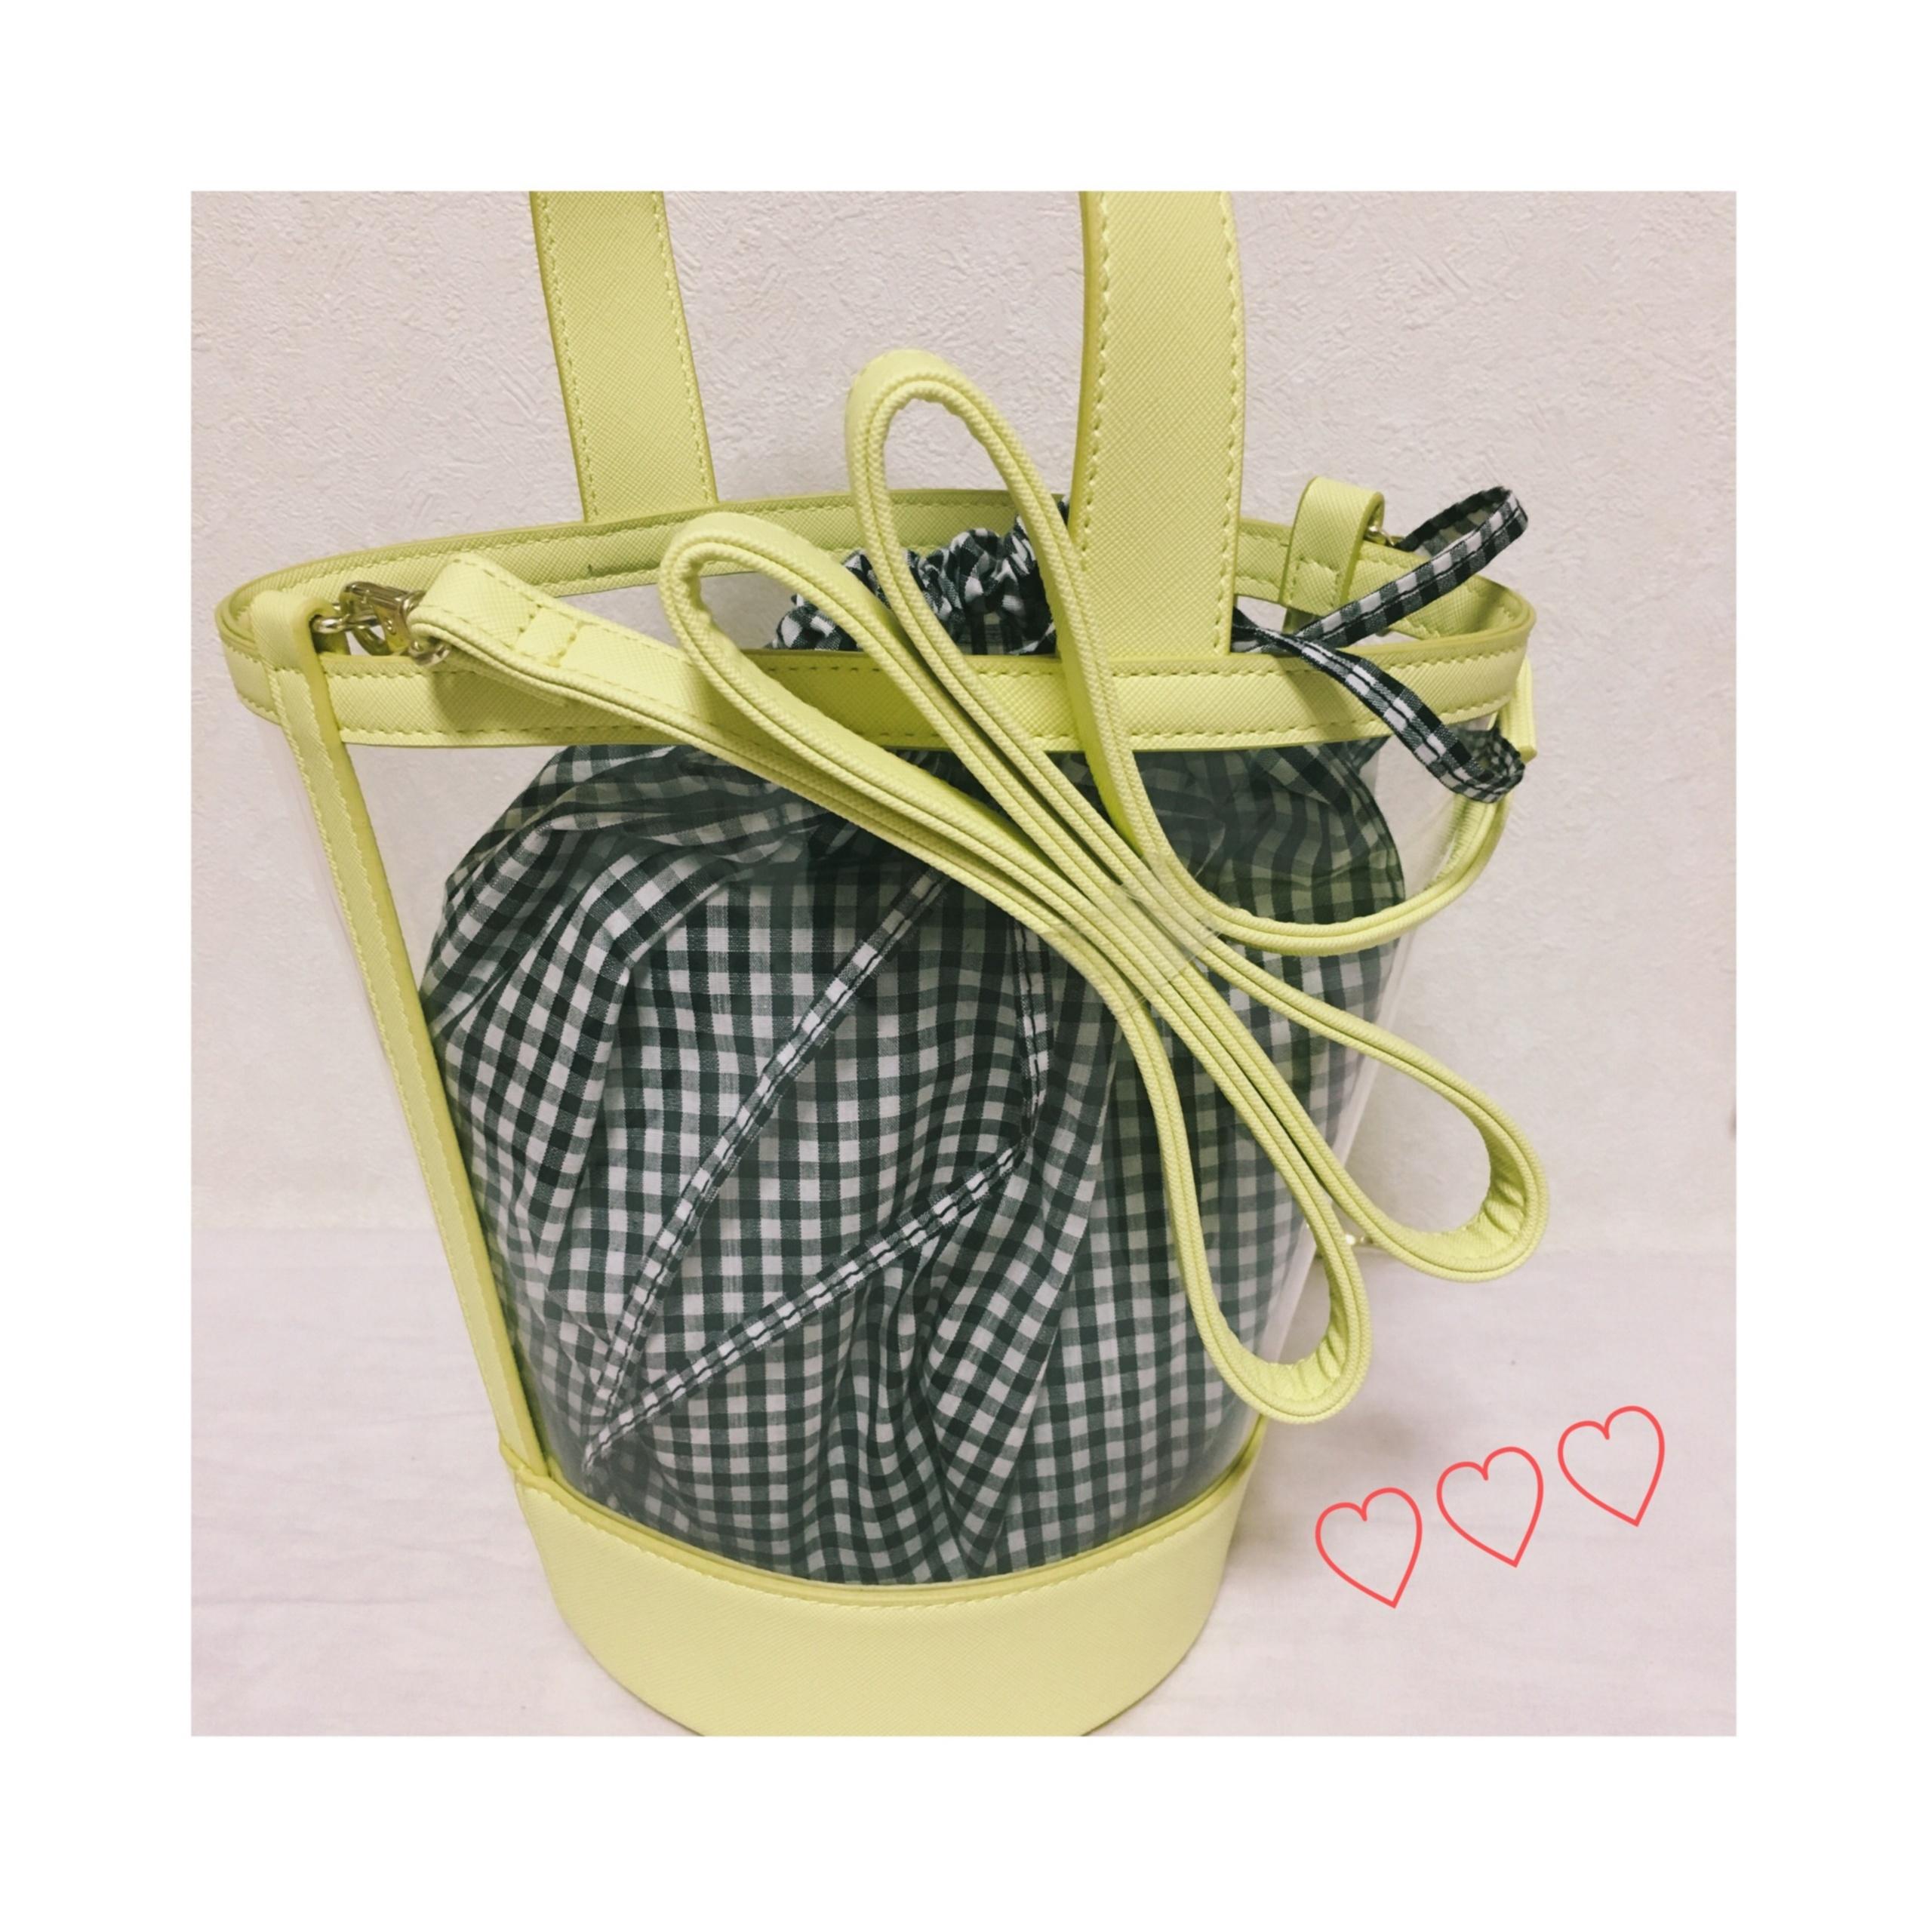 みんなどんなバッグ使ってるの? 憧れブランドもまとめて「愛用バッグ」まとめ♡♡_1_5